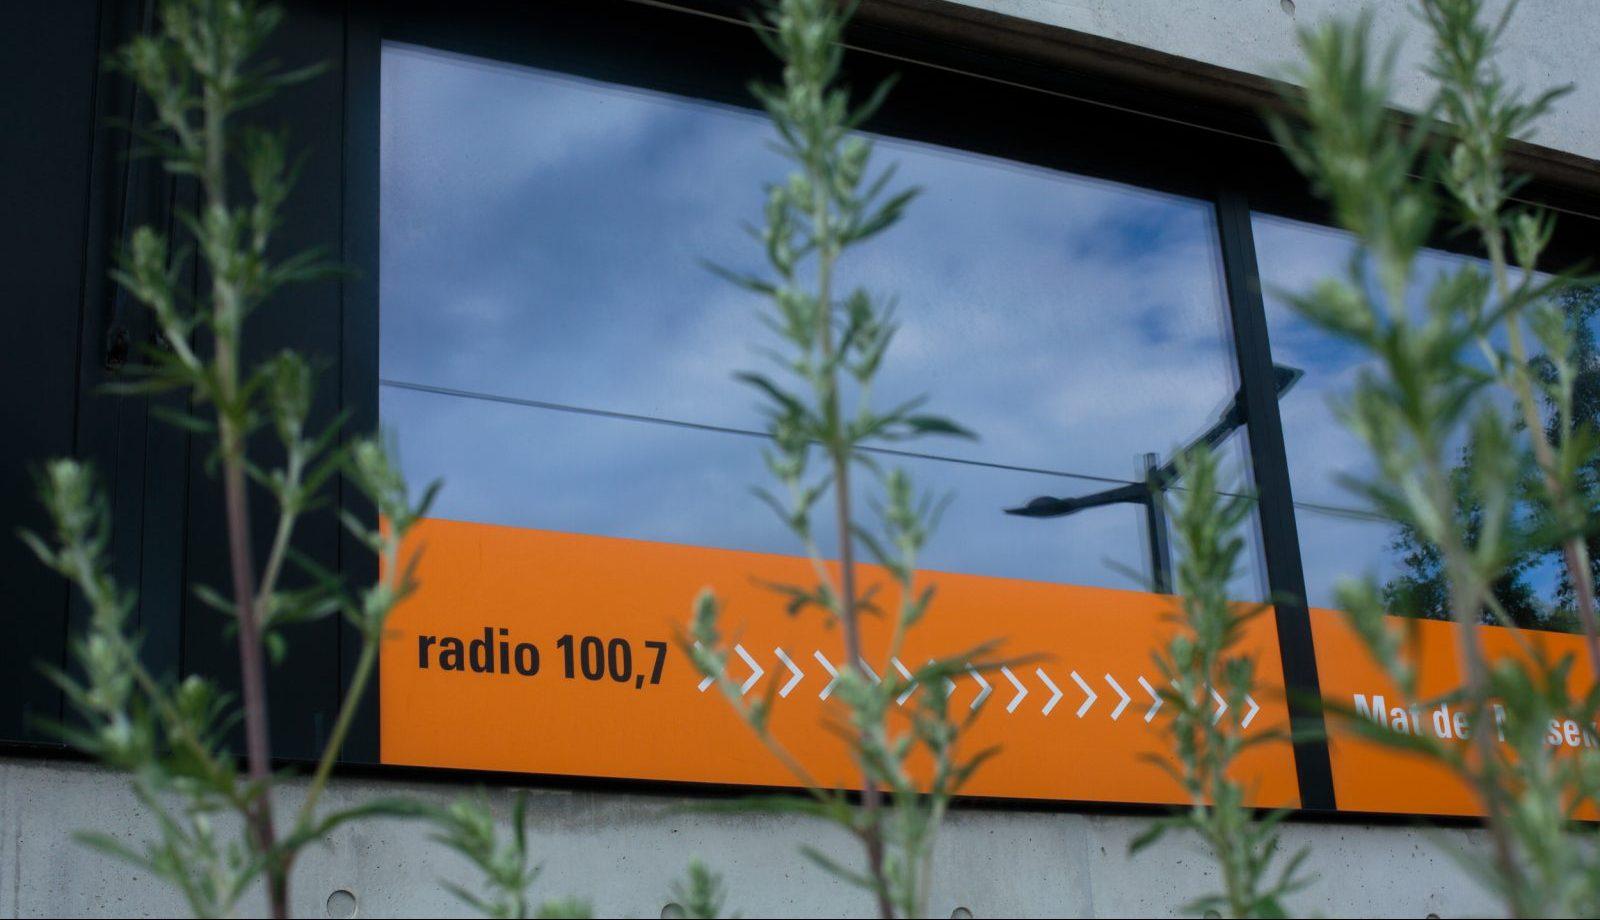 Radio 100,7: Regierung will mehr Unabhängigkeit wagen - REPORTER